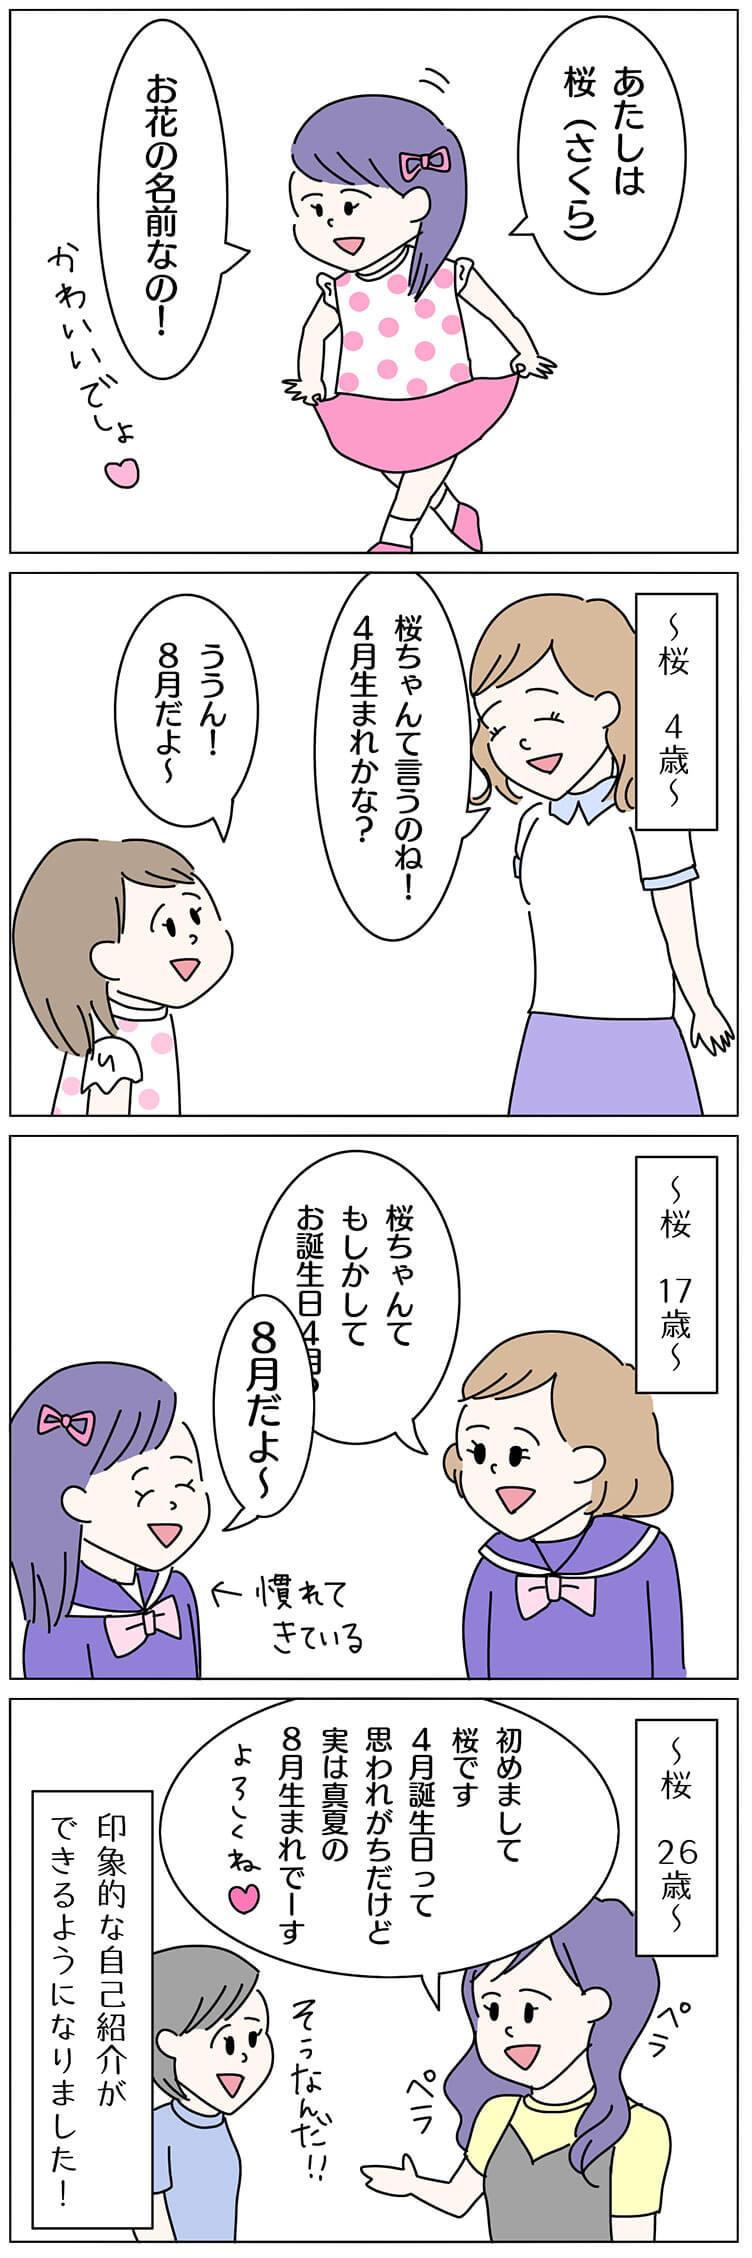 桜を名前につけた子育て4コマ漫画